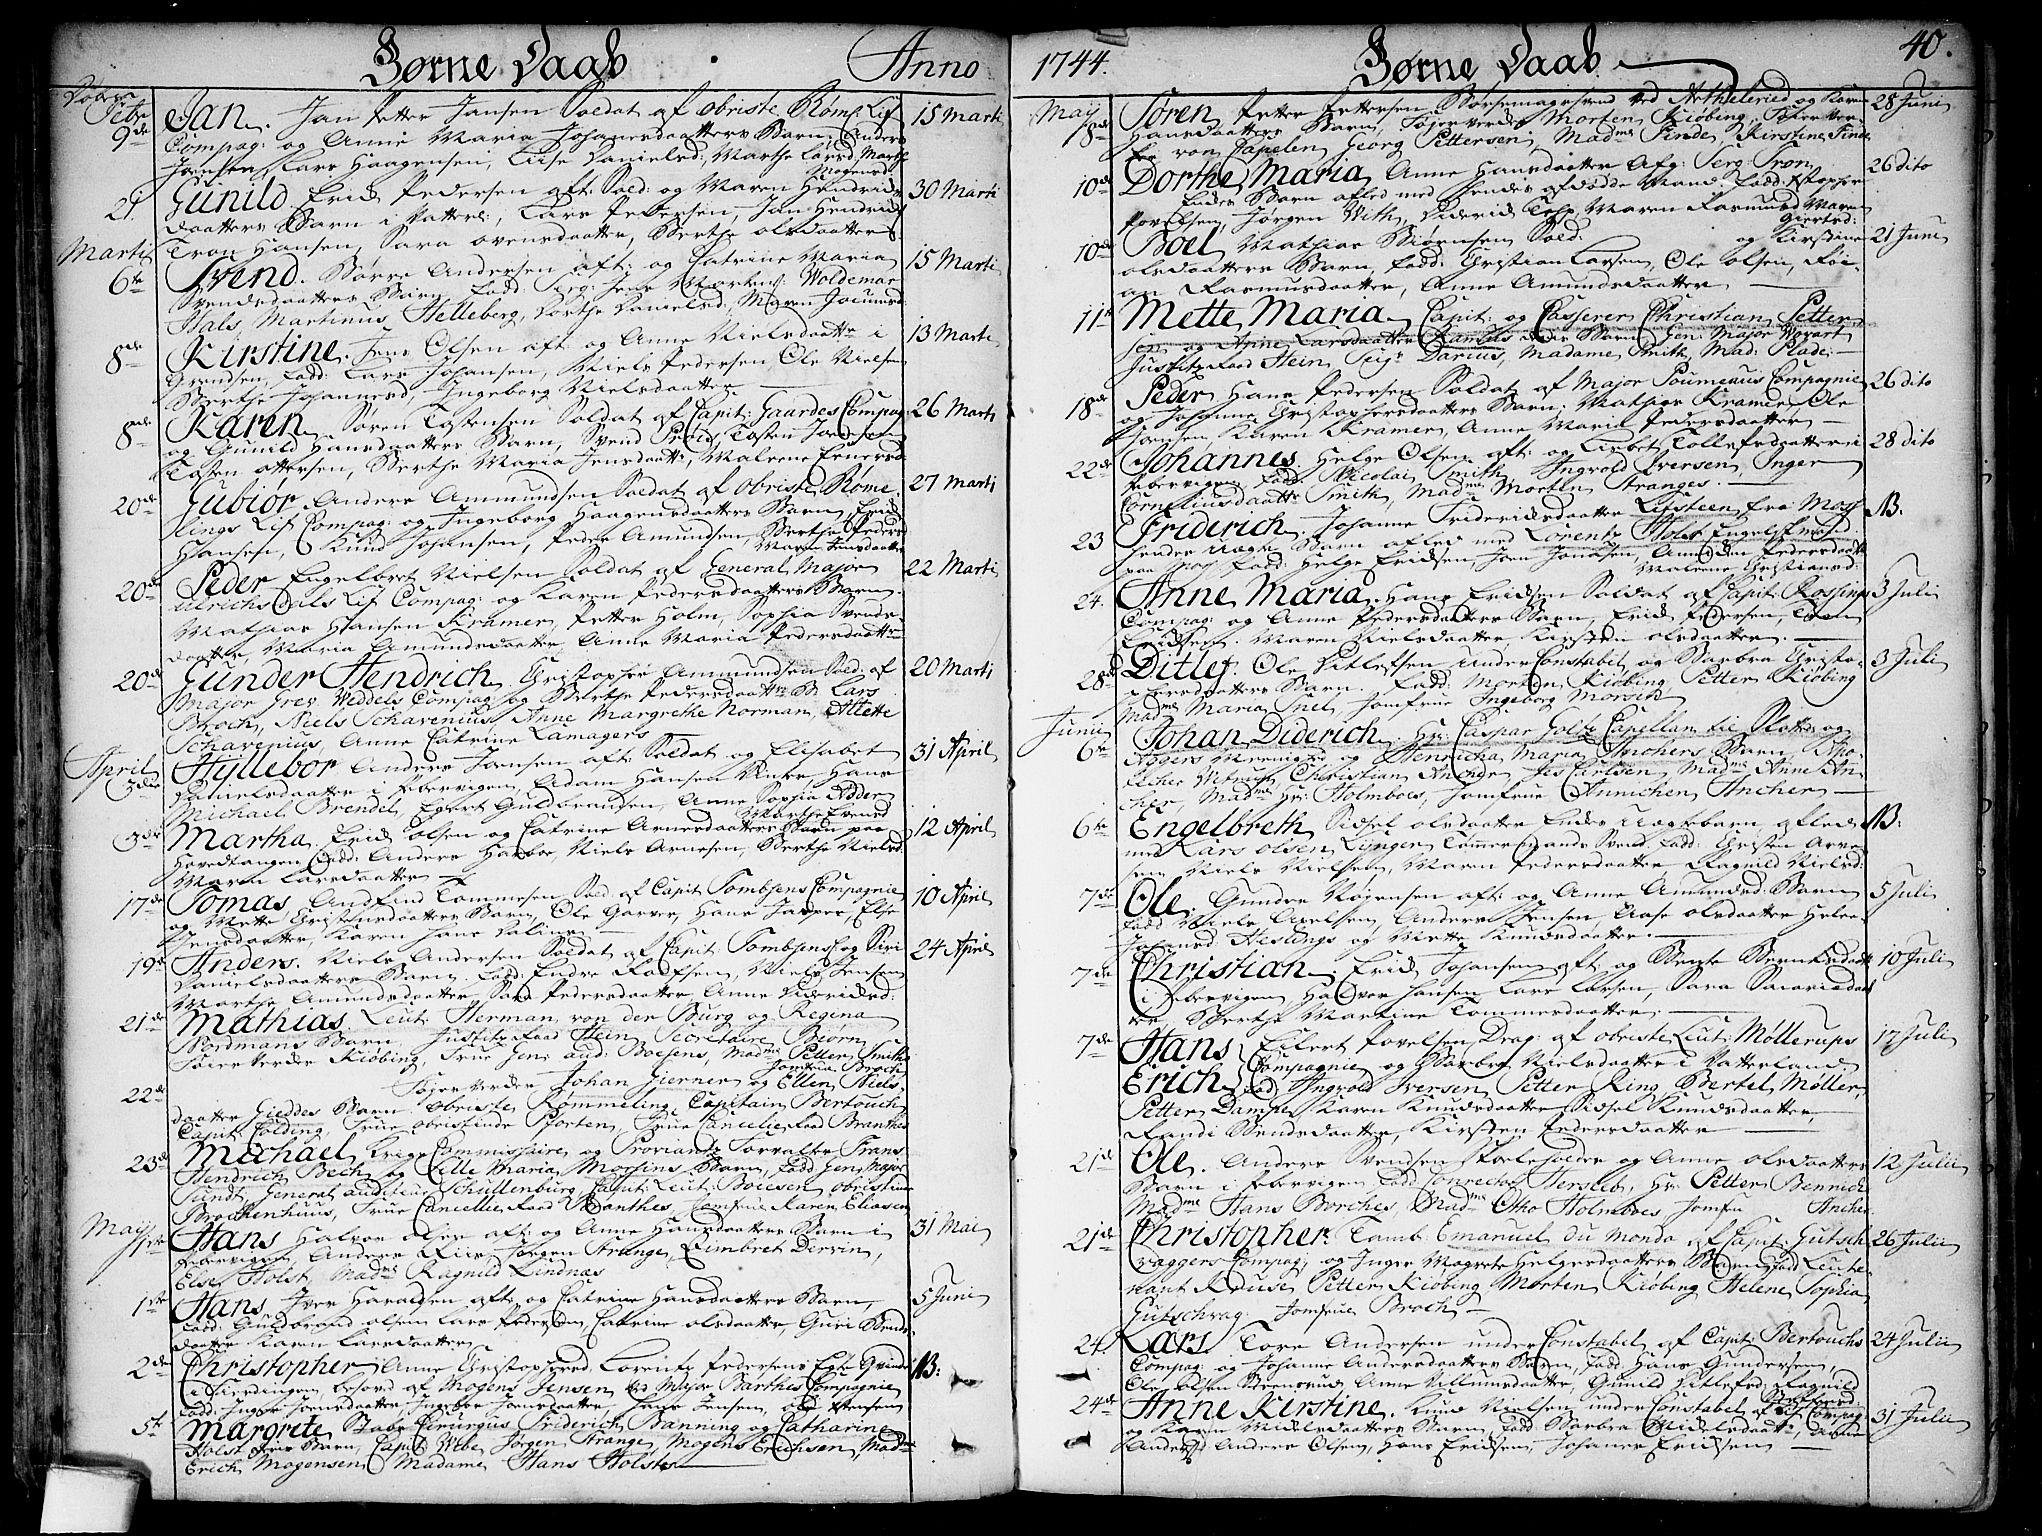 SAO, Garnisonsmenigheten Kirkebøker, F/Fa/L0001: Ministerialbok nr. 1, 1734-1756, s. 40